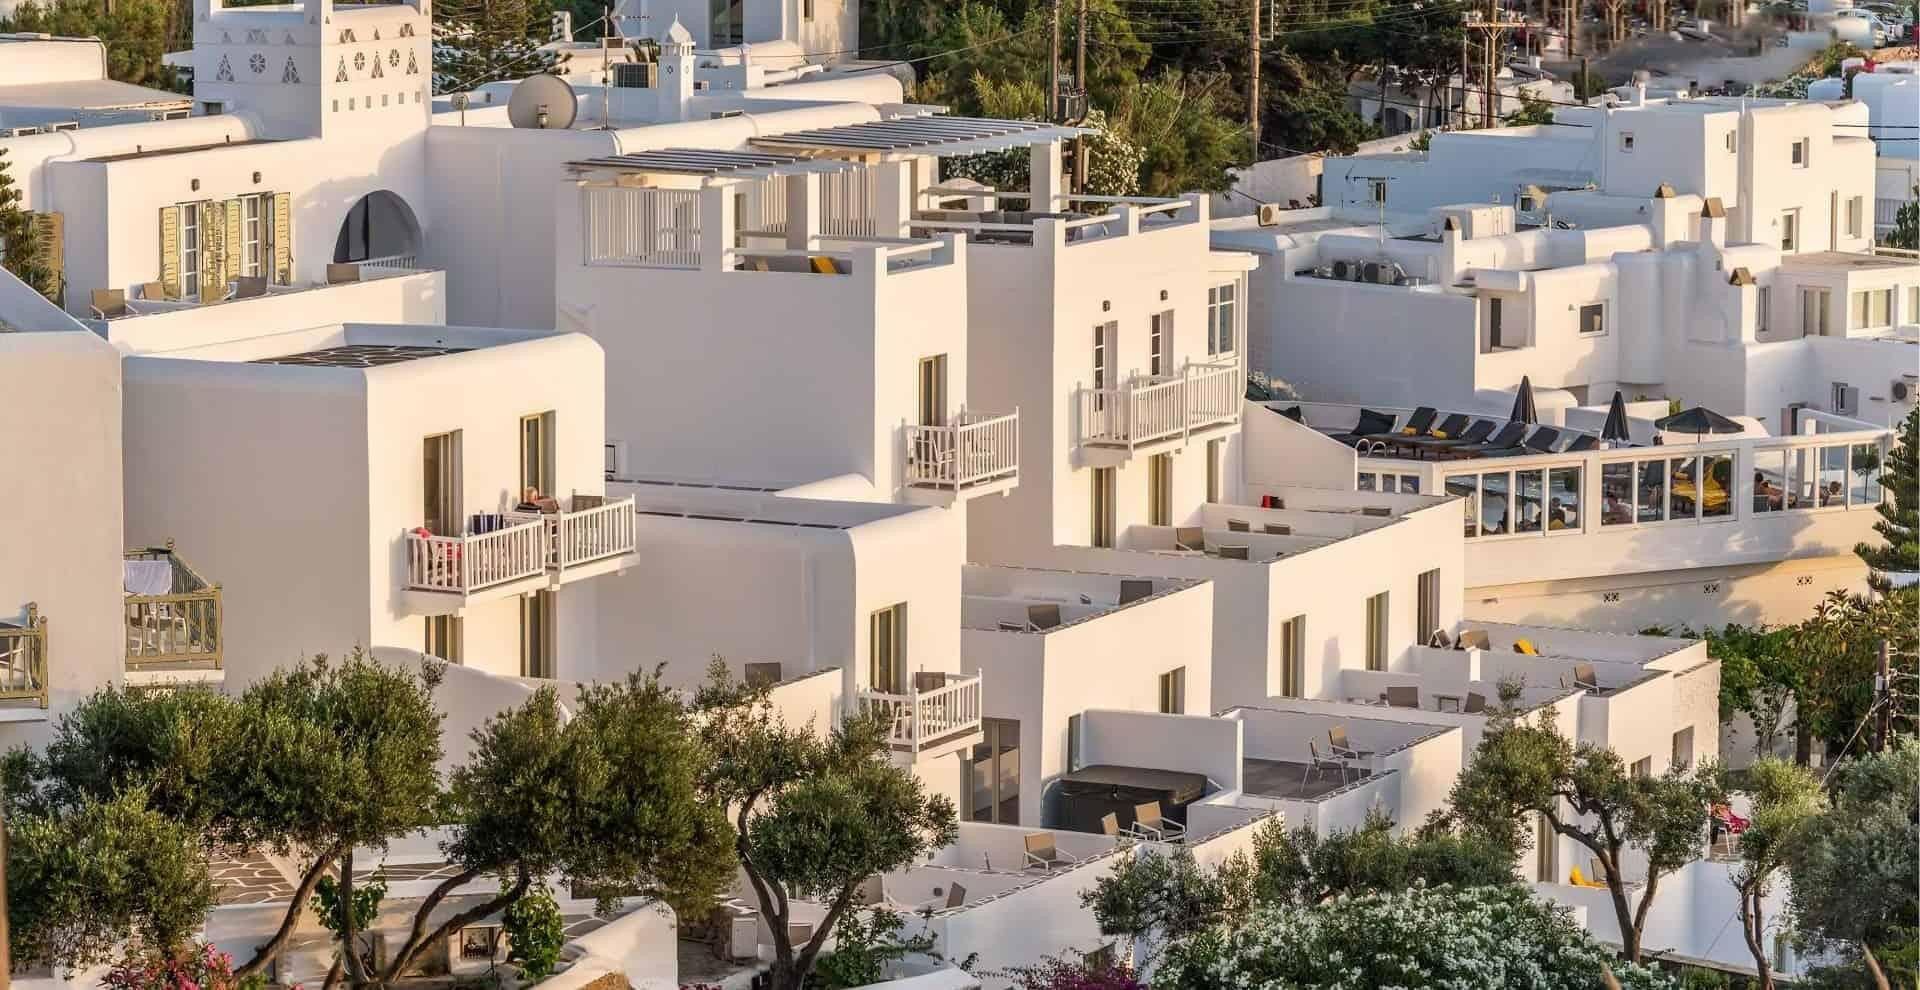 Rochari Hotel & Spa Overview